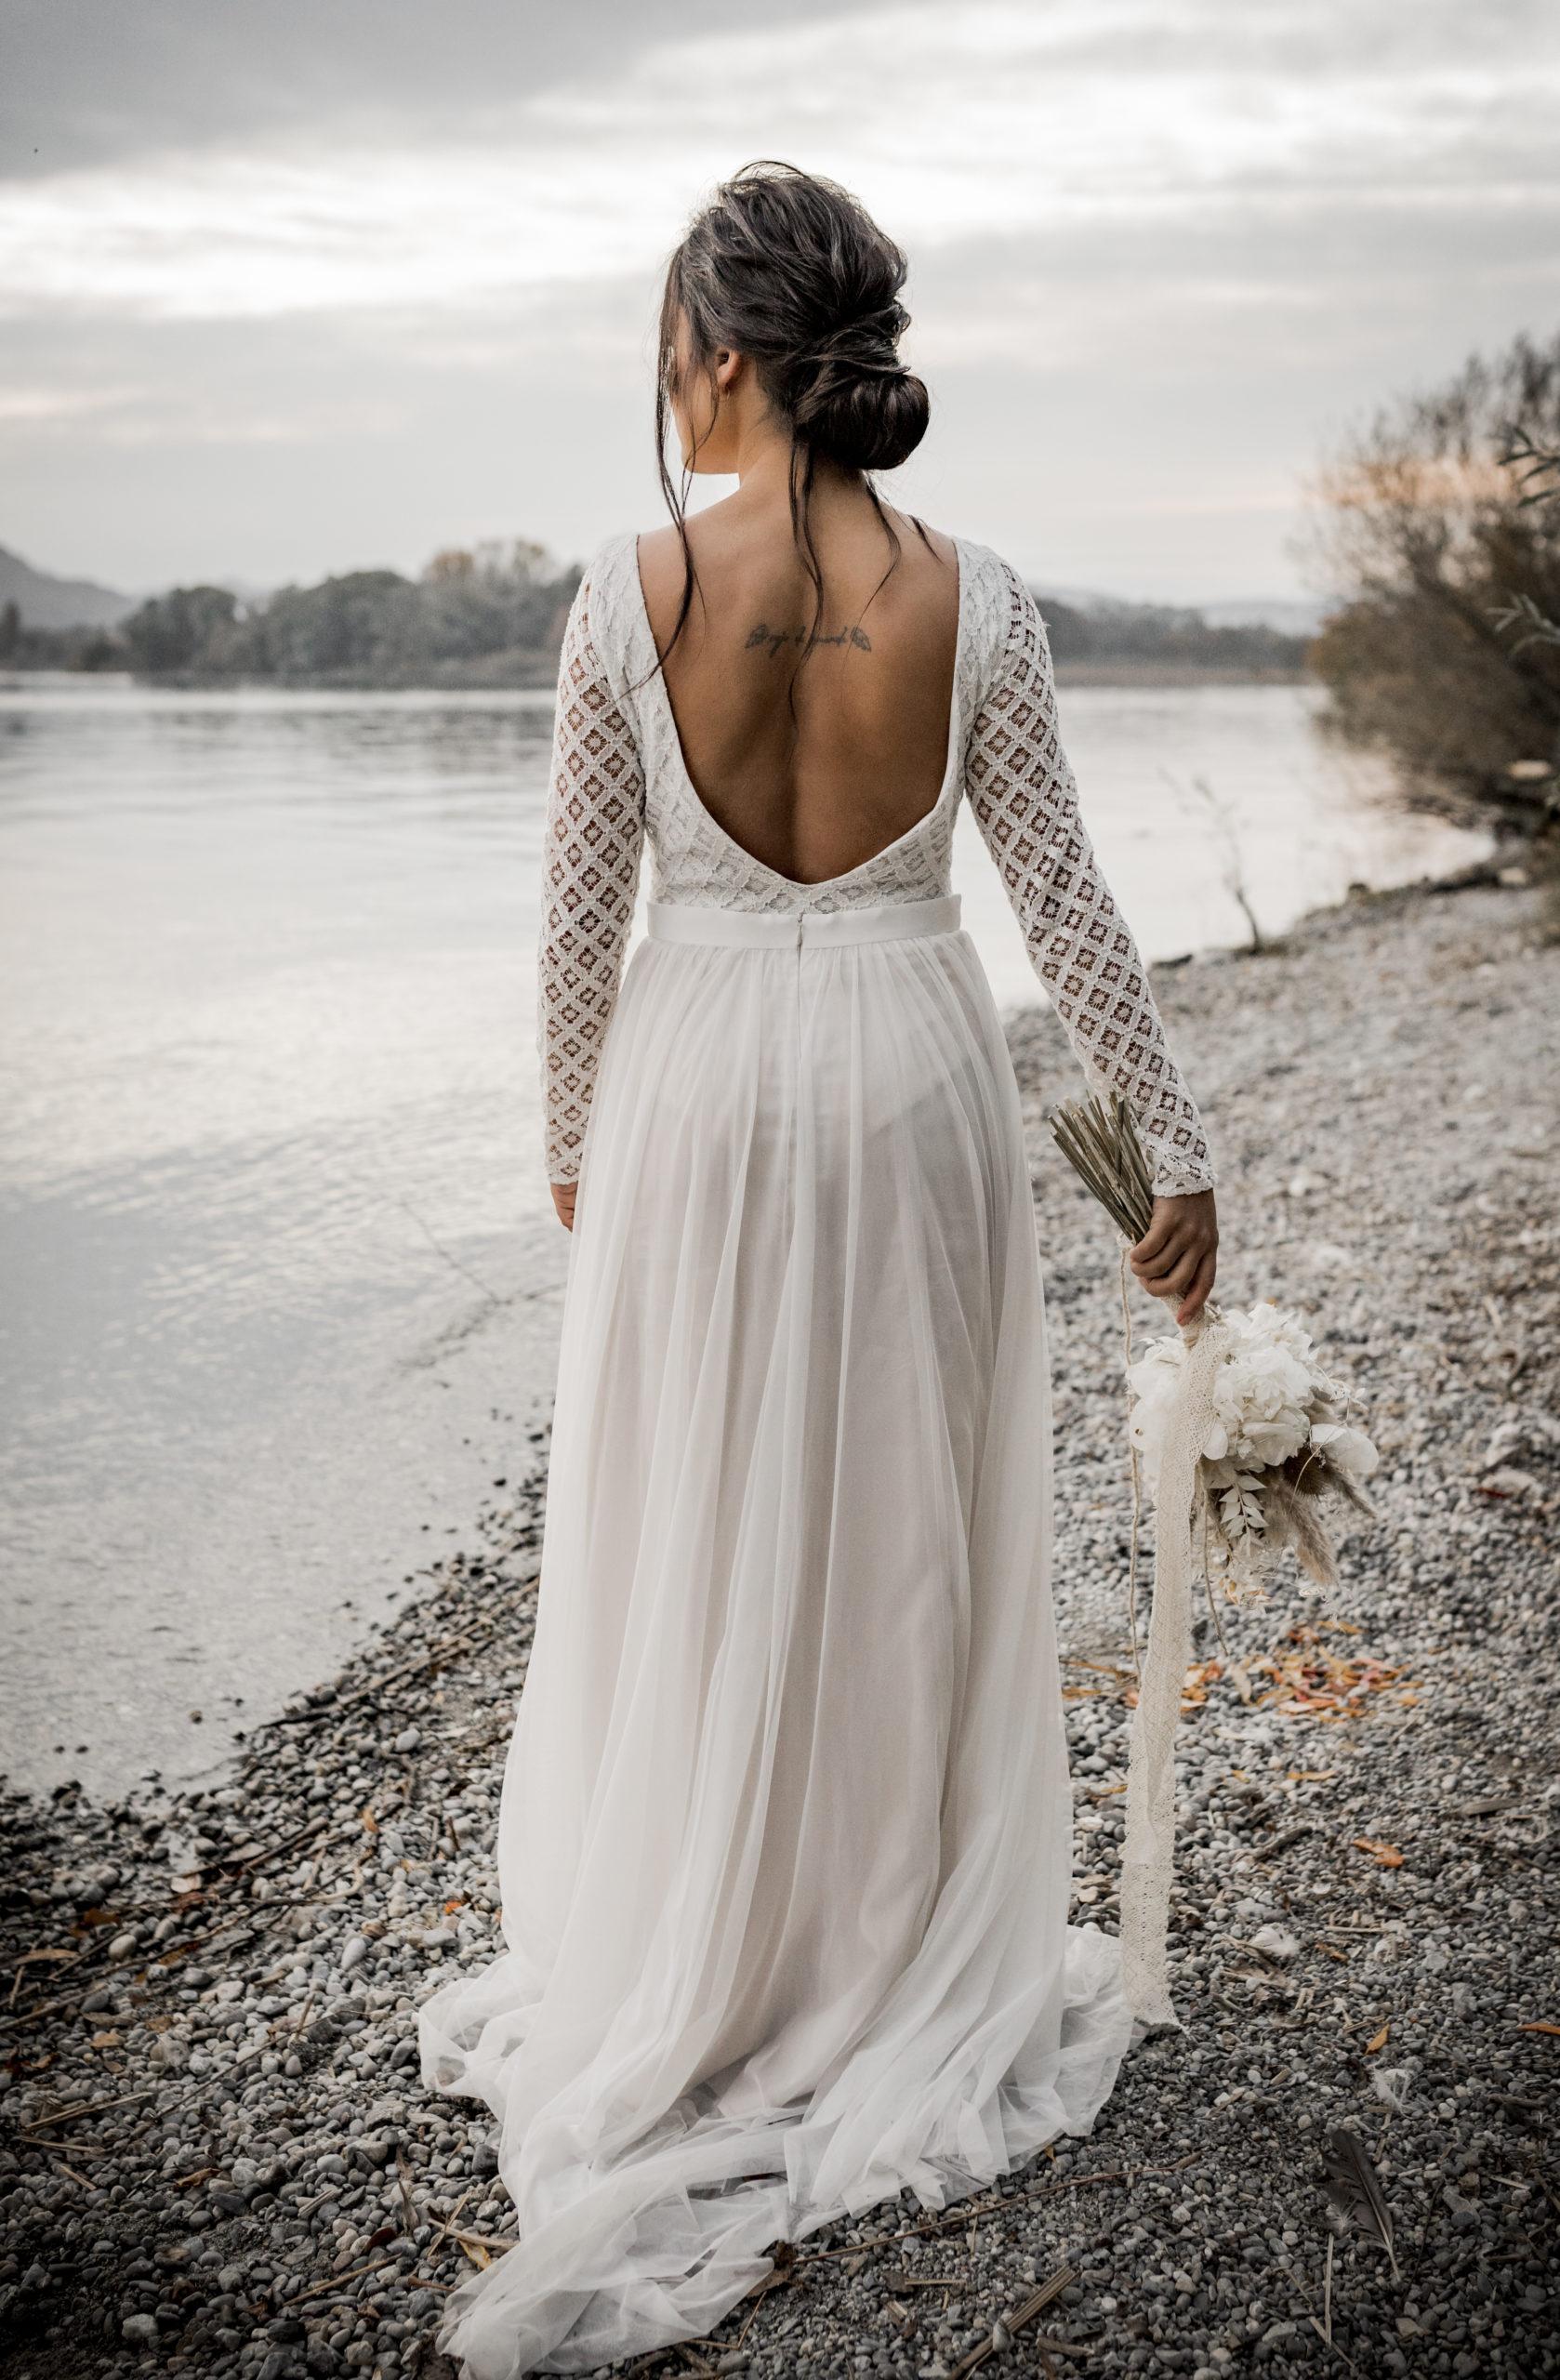 noni Brautmode, Styled Shoot am Bodensee, Model mit zweiteiligem Hochzeitskleid mit tiefem Rückenausschnitt und langem Tüllrock in Ivory mit Blush, Brautstrauss haltend, Rückenansicht